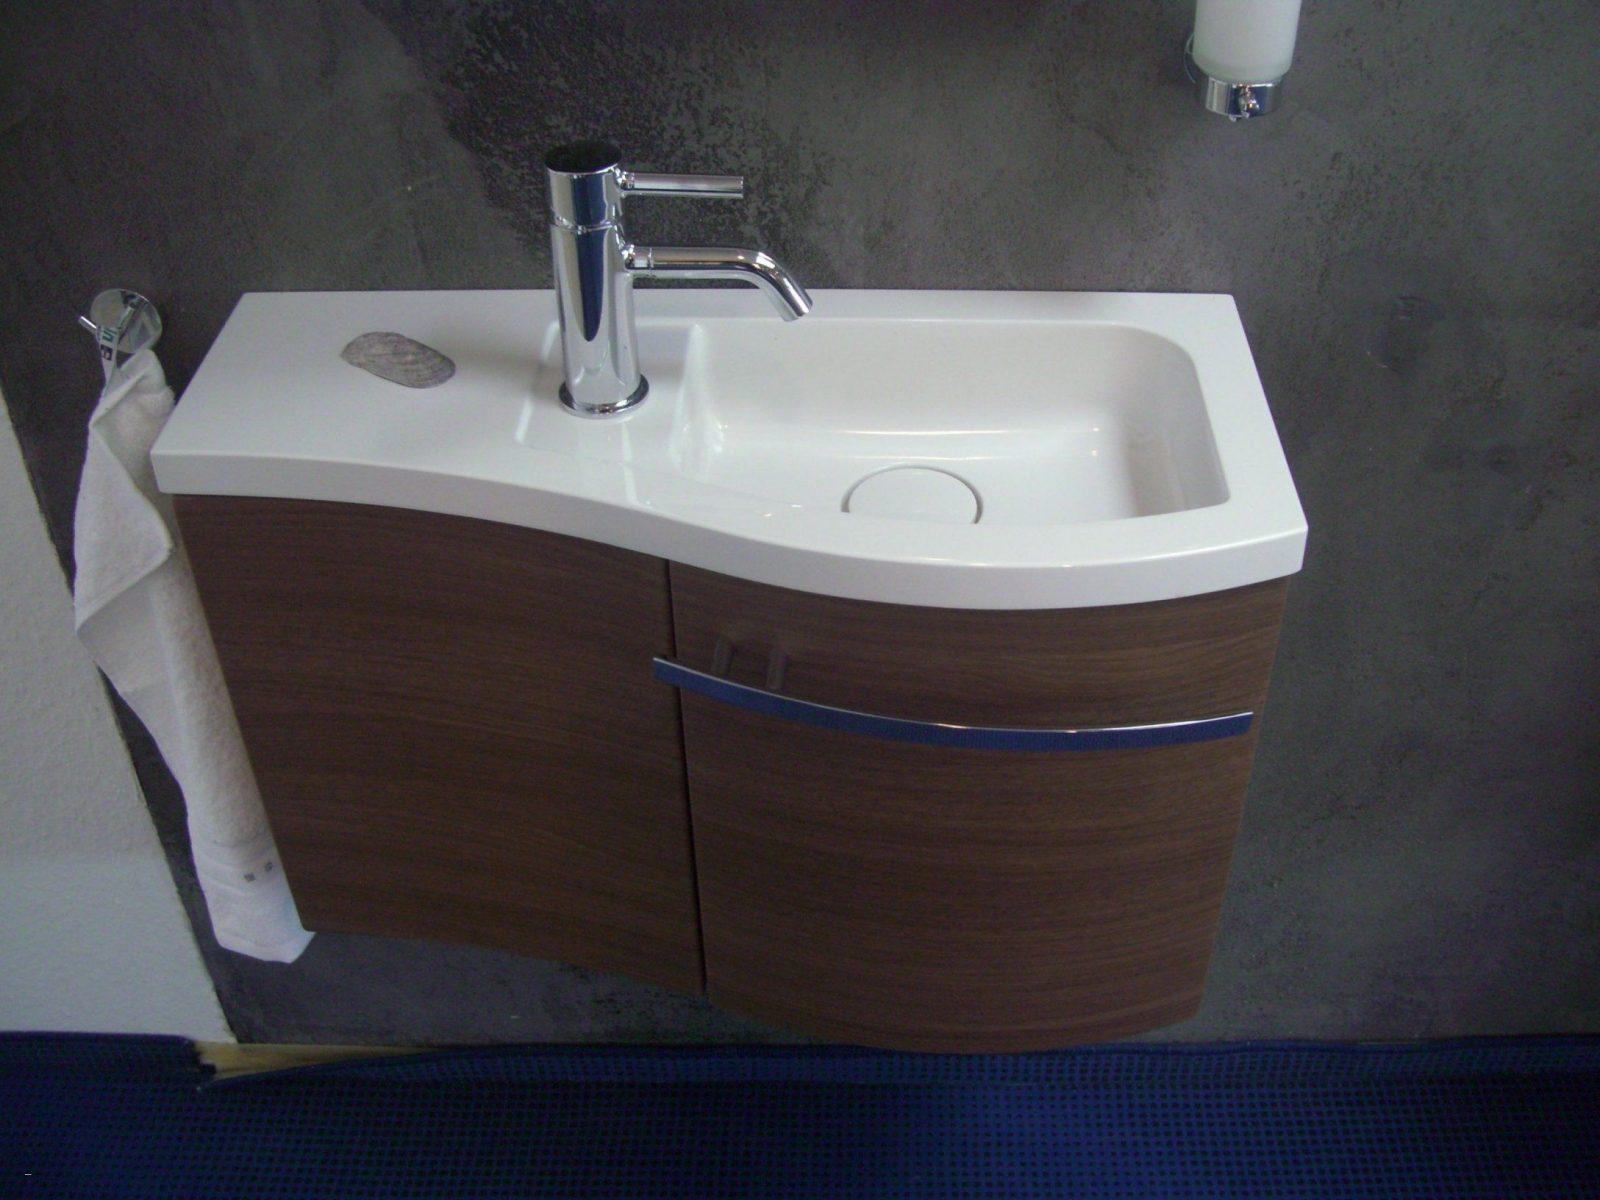 Badezimmer Waschtisch Mit Unterschrank Neu Waschtisch Wc Full Size von Wc Waschtische Mit Unterschrank Bild